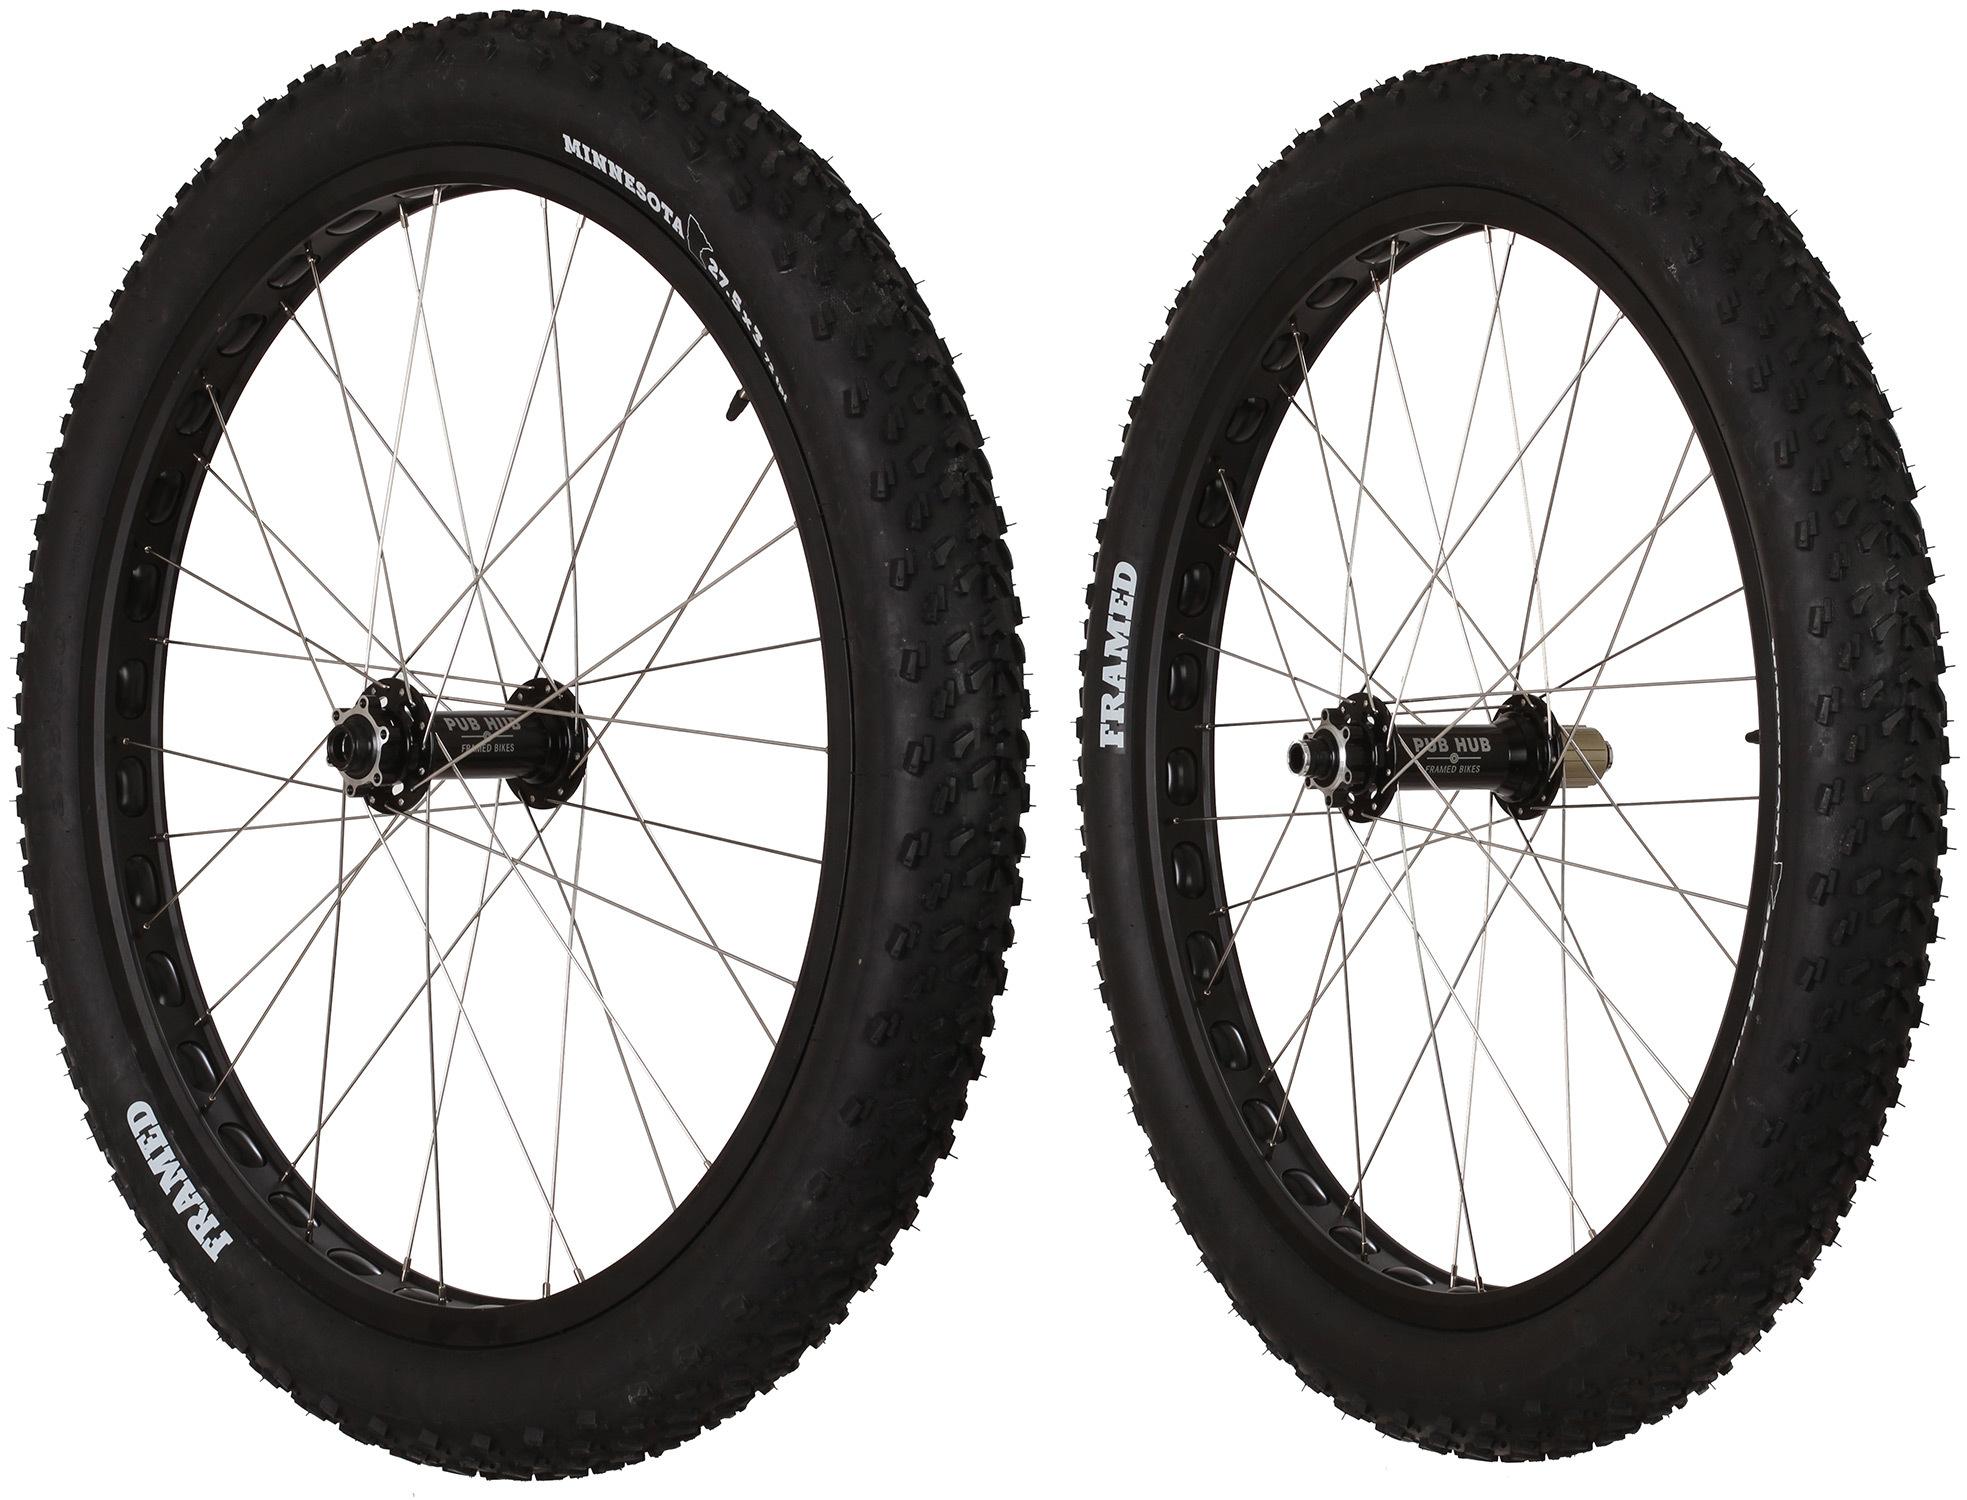 Framed Pro-X 27.5+ x 3.0 F150/R197 HG Wheel Set - $400.00 - Thrill On